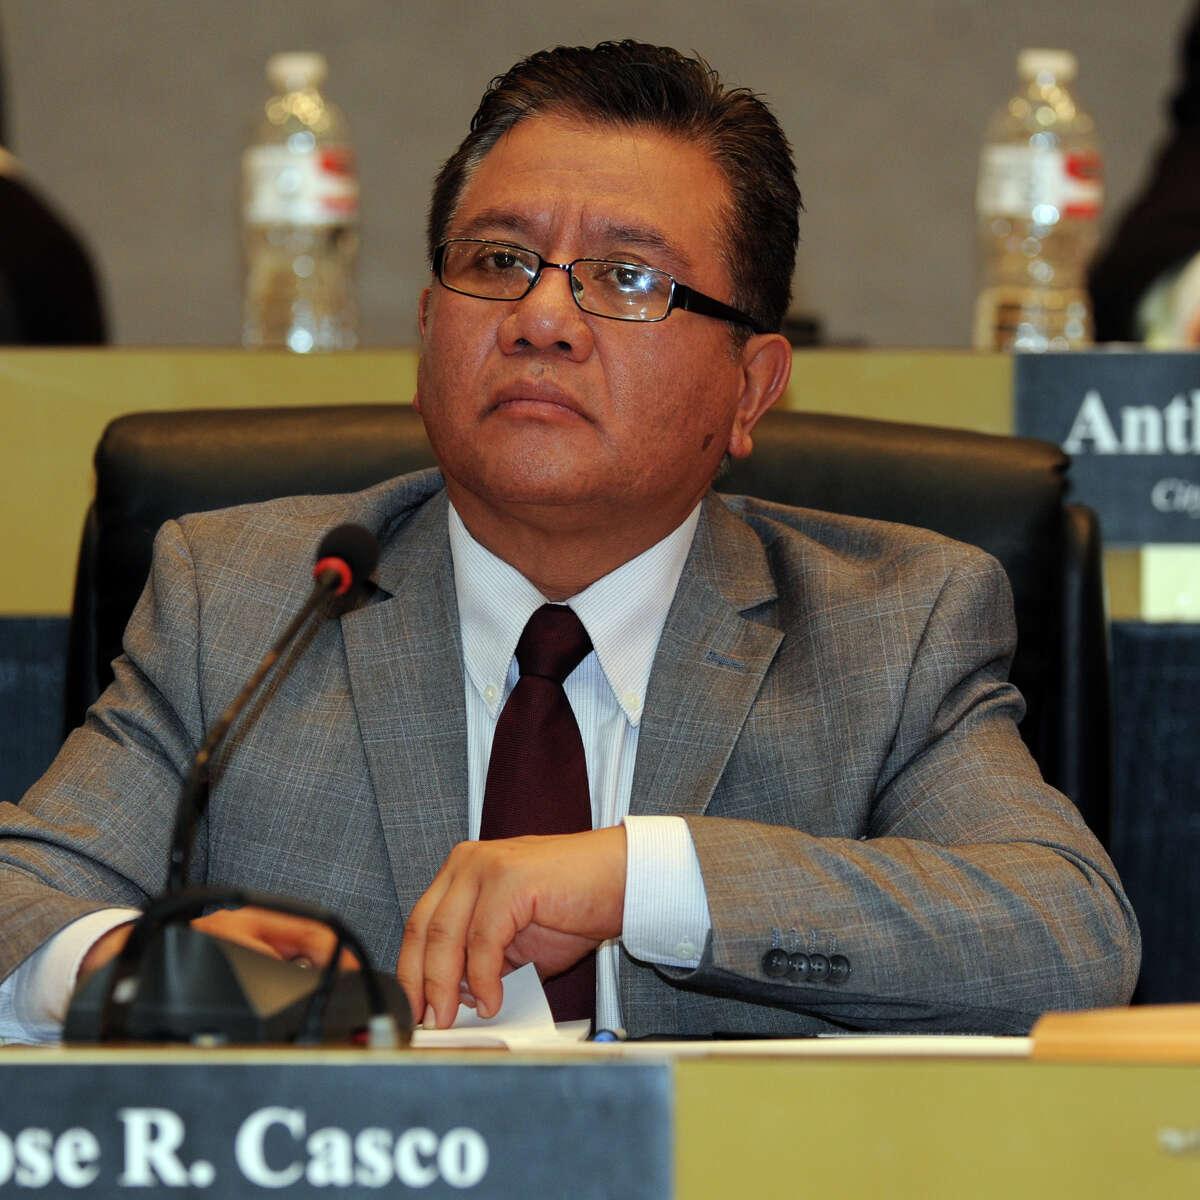 Bridgeport City Council member Jose R. Casco, D-136th District